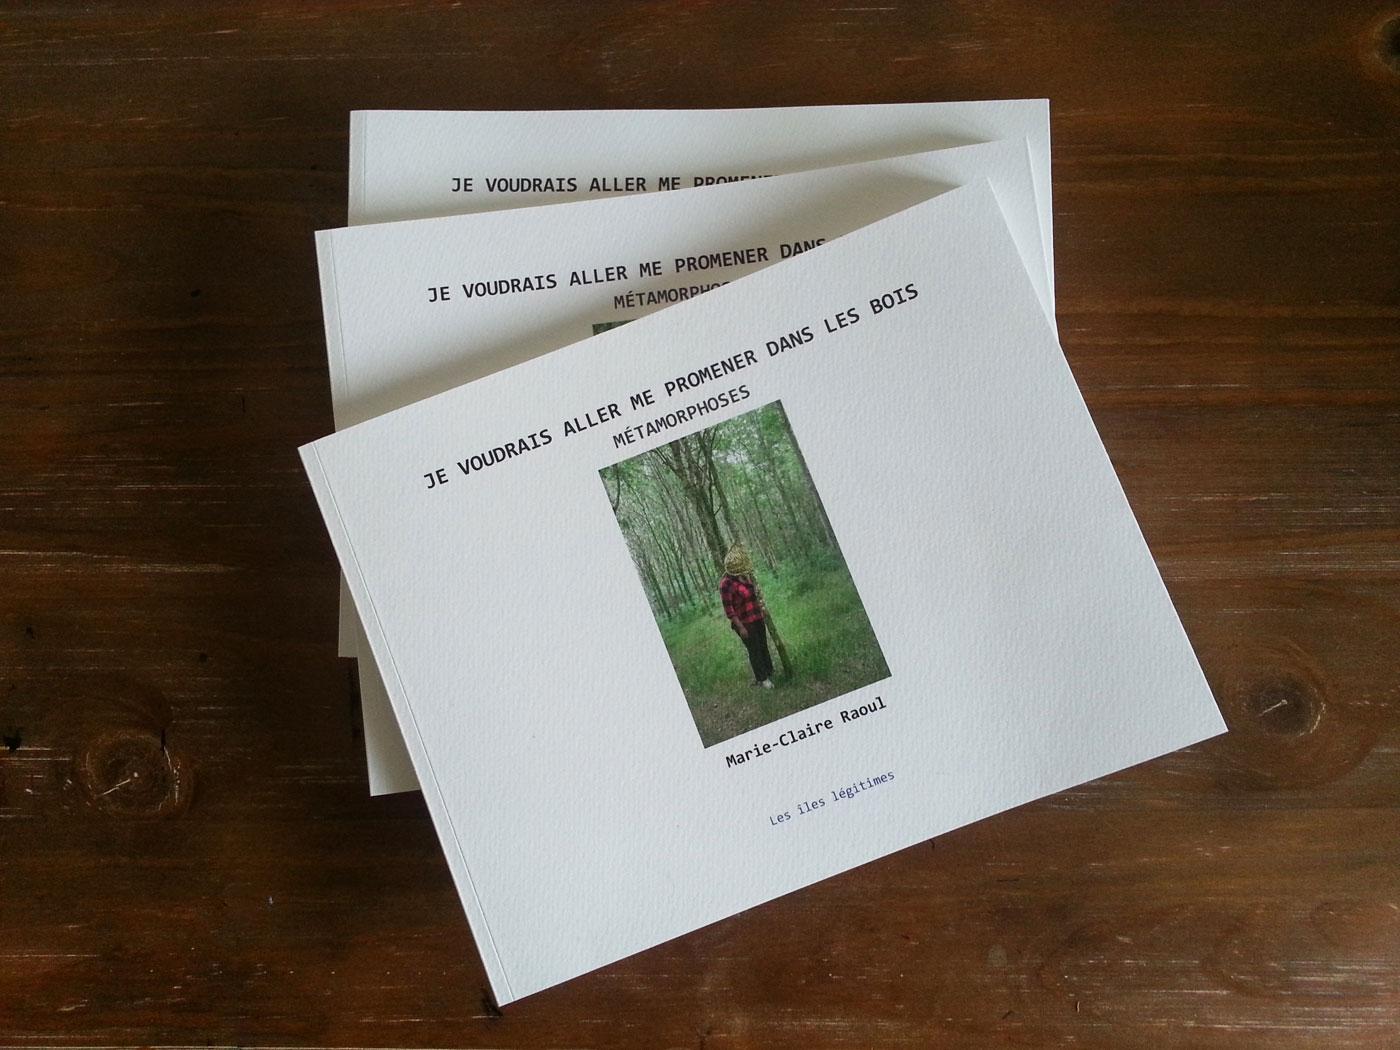 Livre [Je voudrais aller me promener dans les bois : Métamorphoses], photographies et textes de Marie-Claire Raoul, novembre 2019